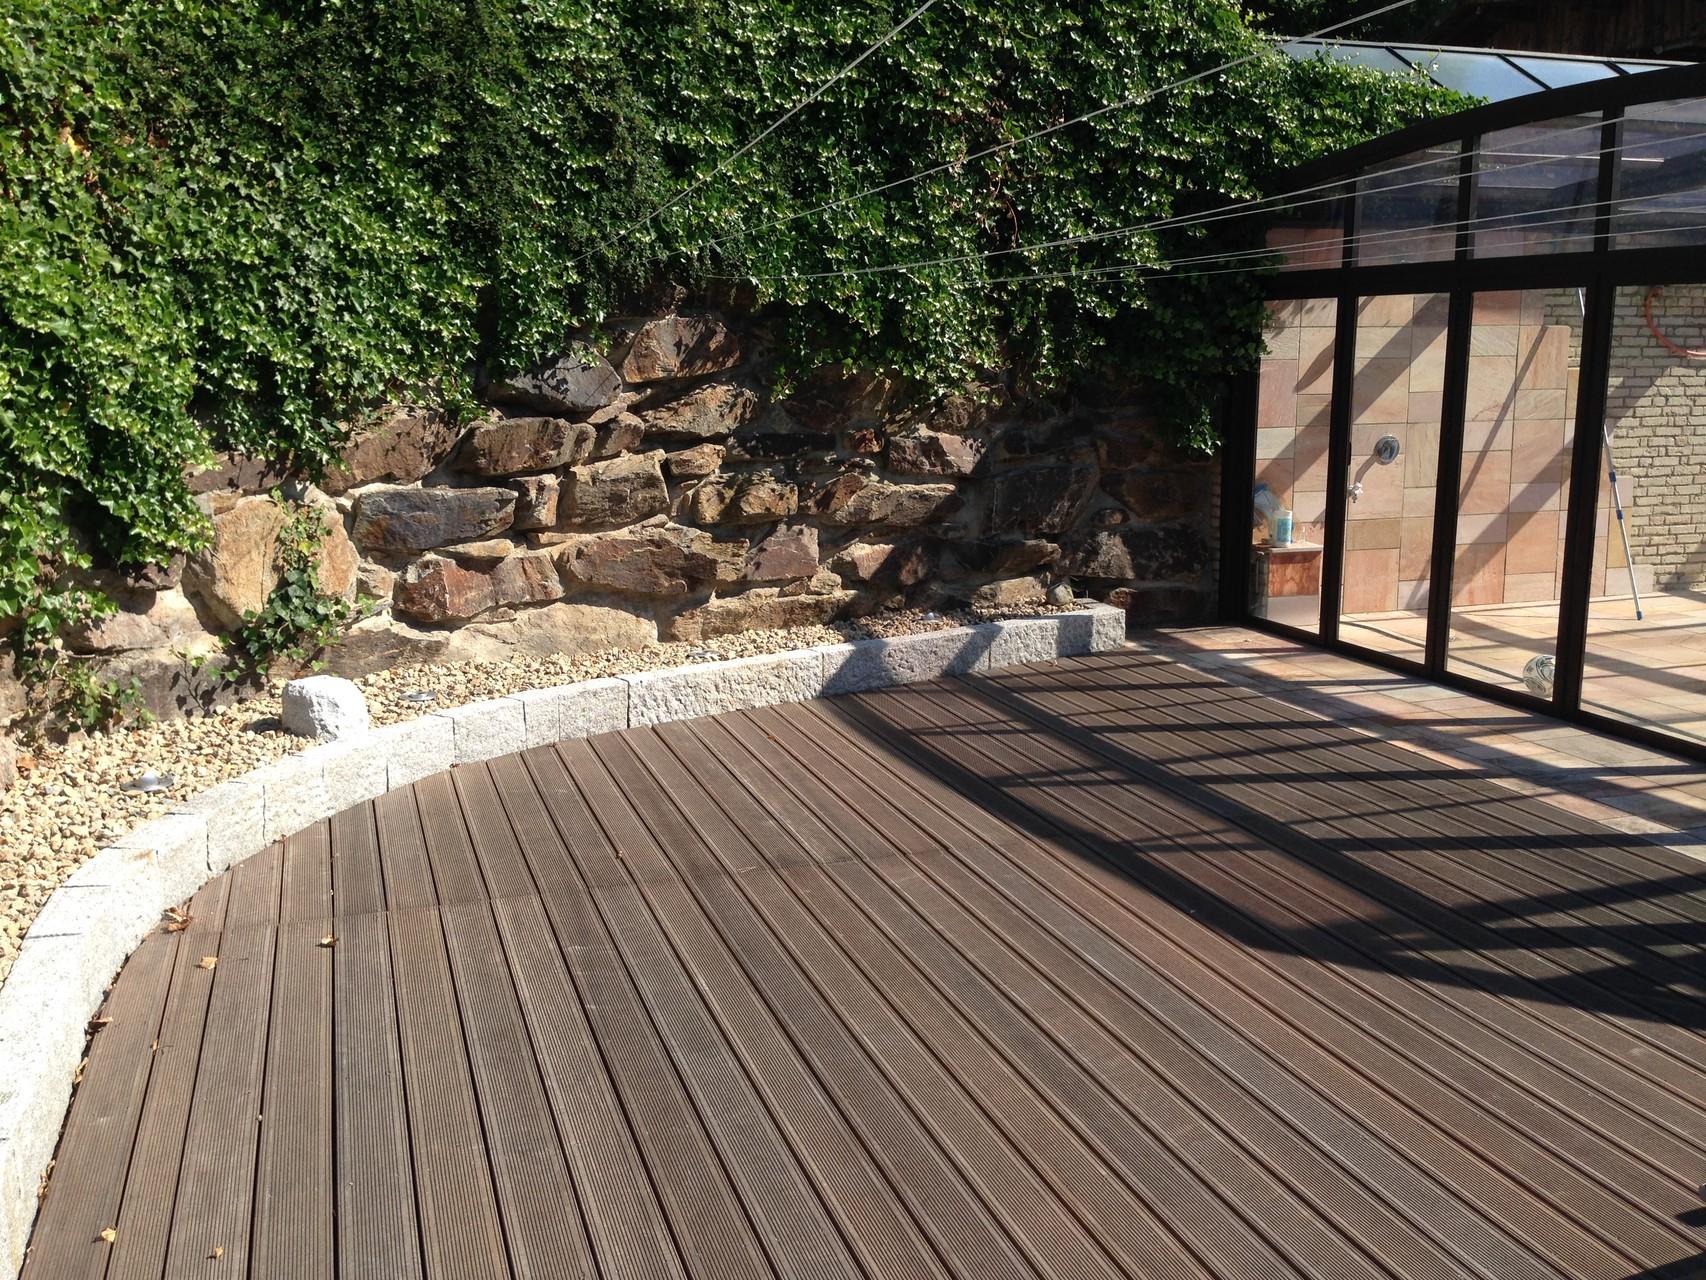 Terrassengestaltung mit Holzbelag und Natursteineinfassungen